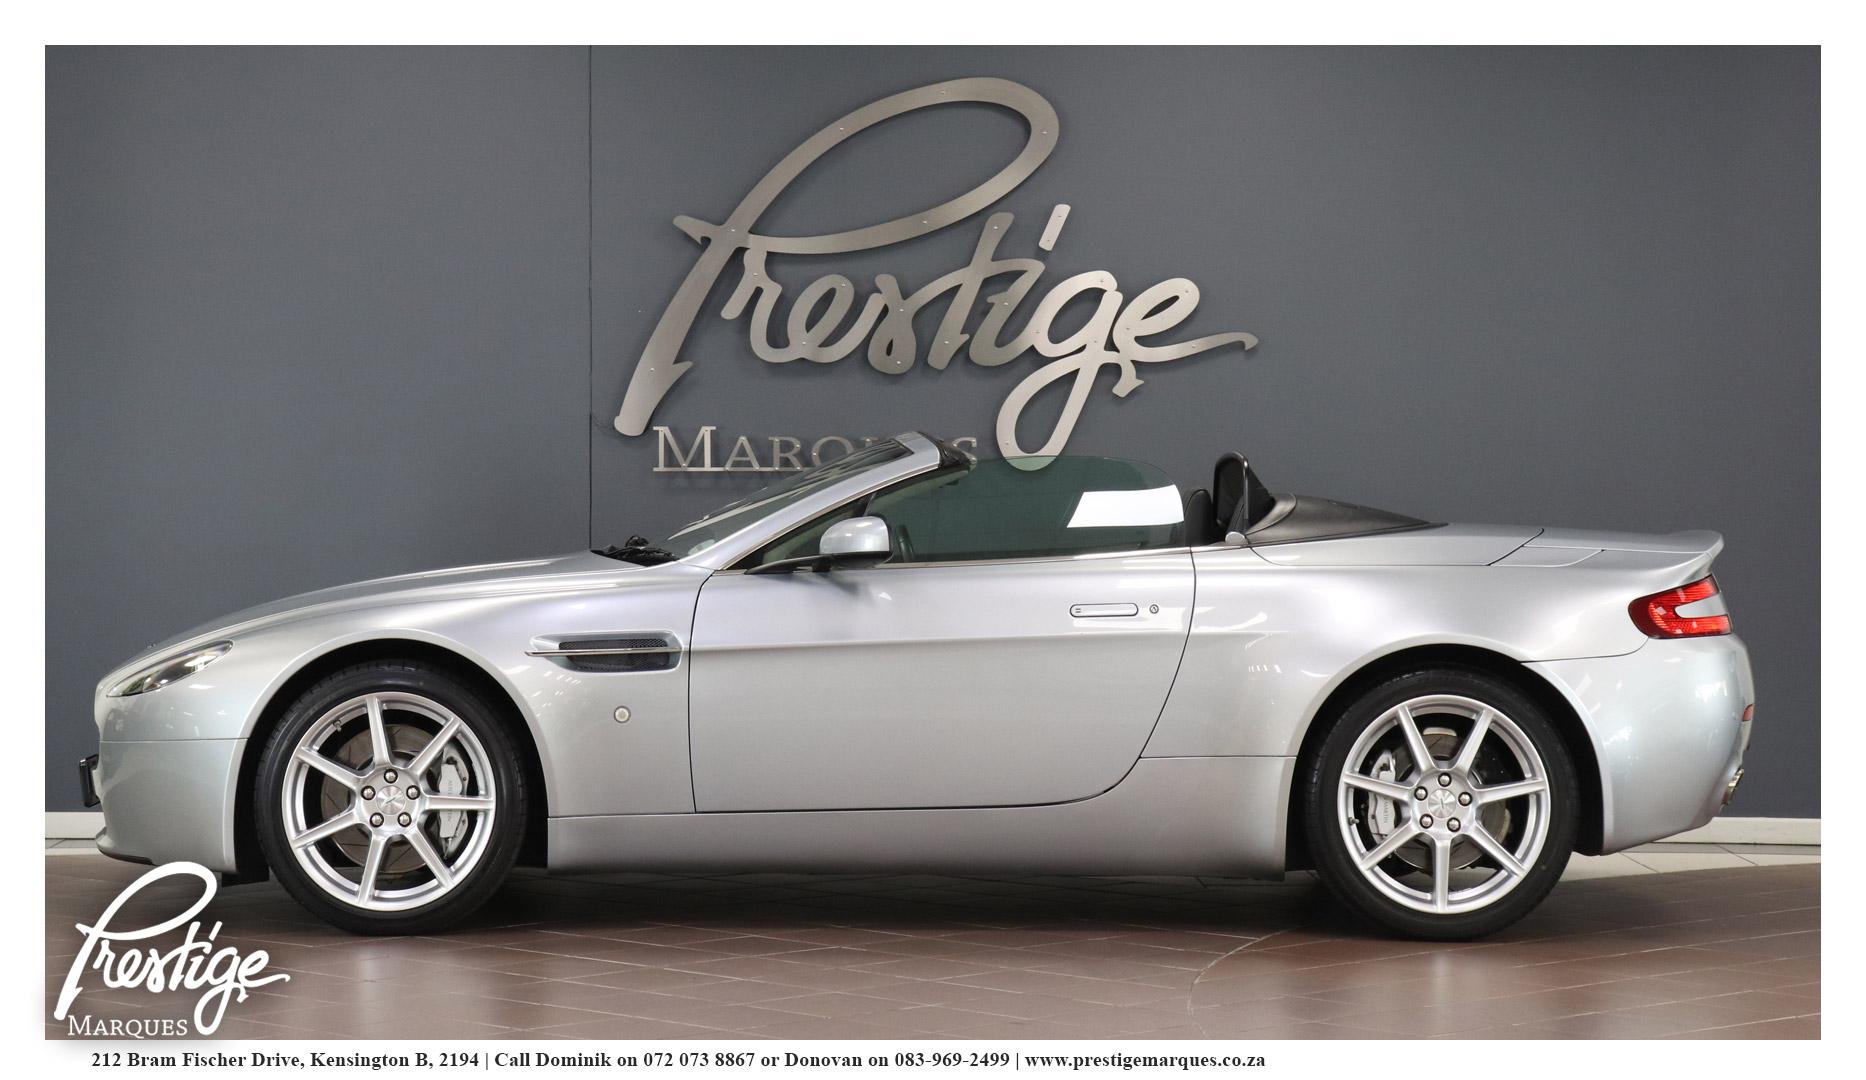 Aston-Martin-V8-Vantage-Convertible-Auto-Prestige-Marques-Sandton-12